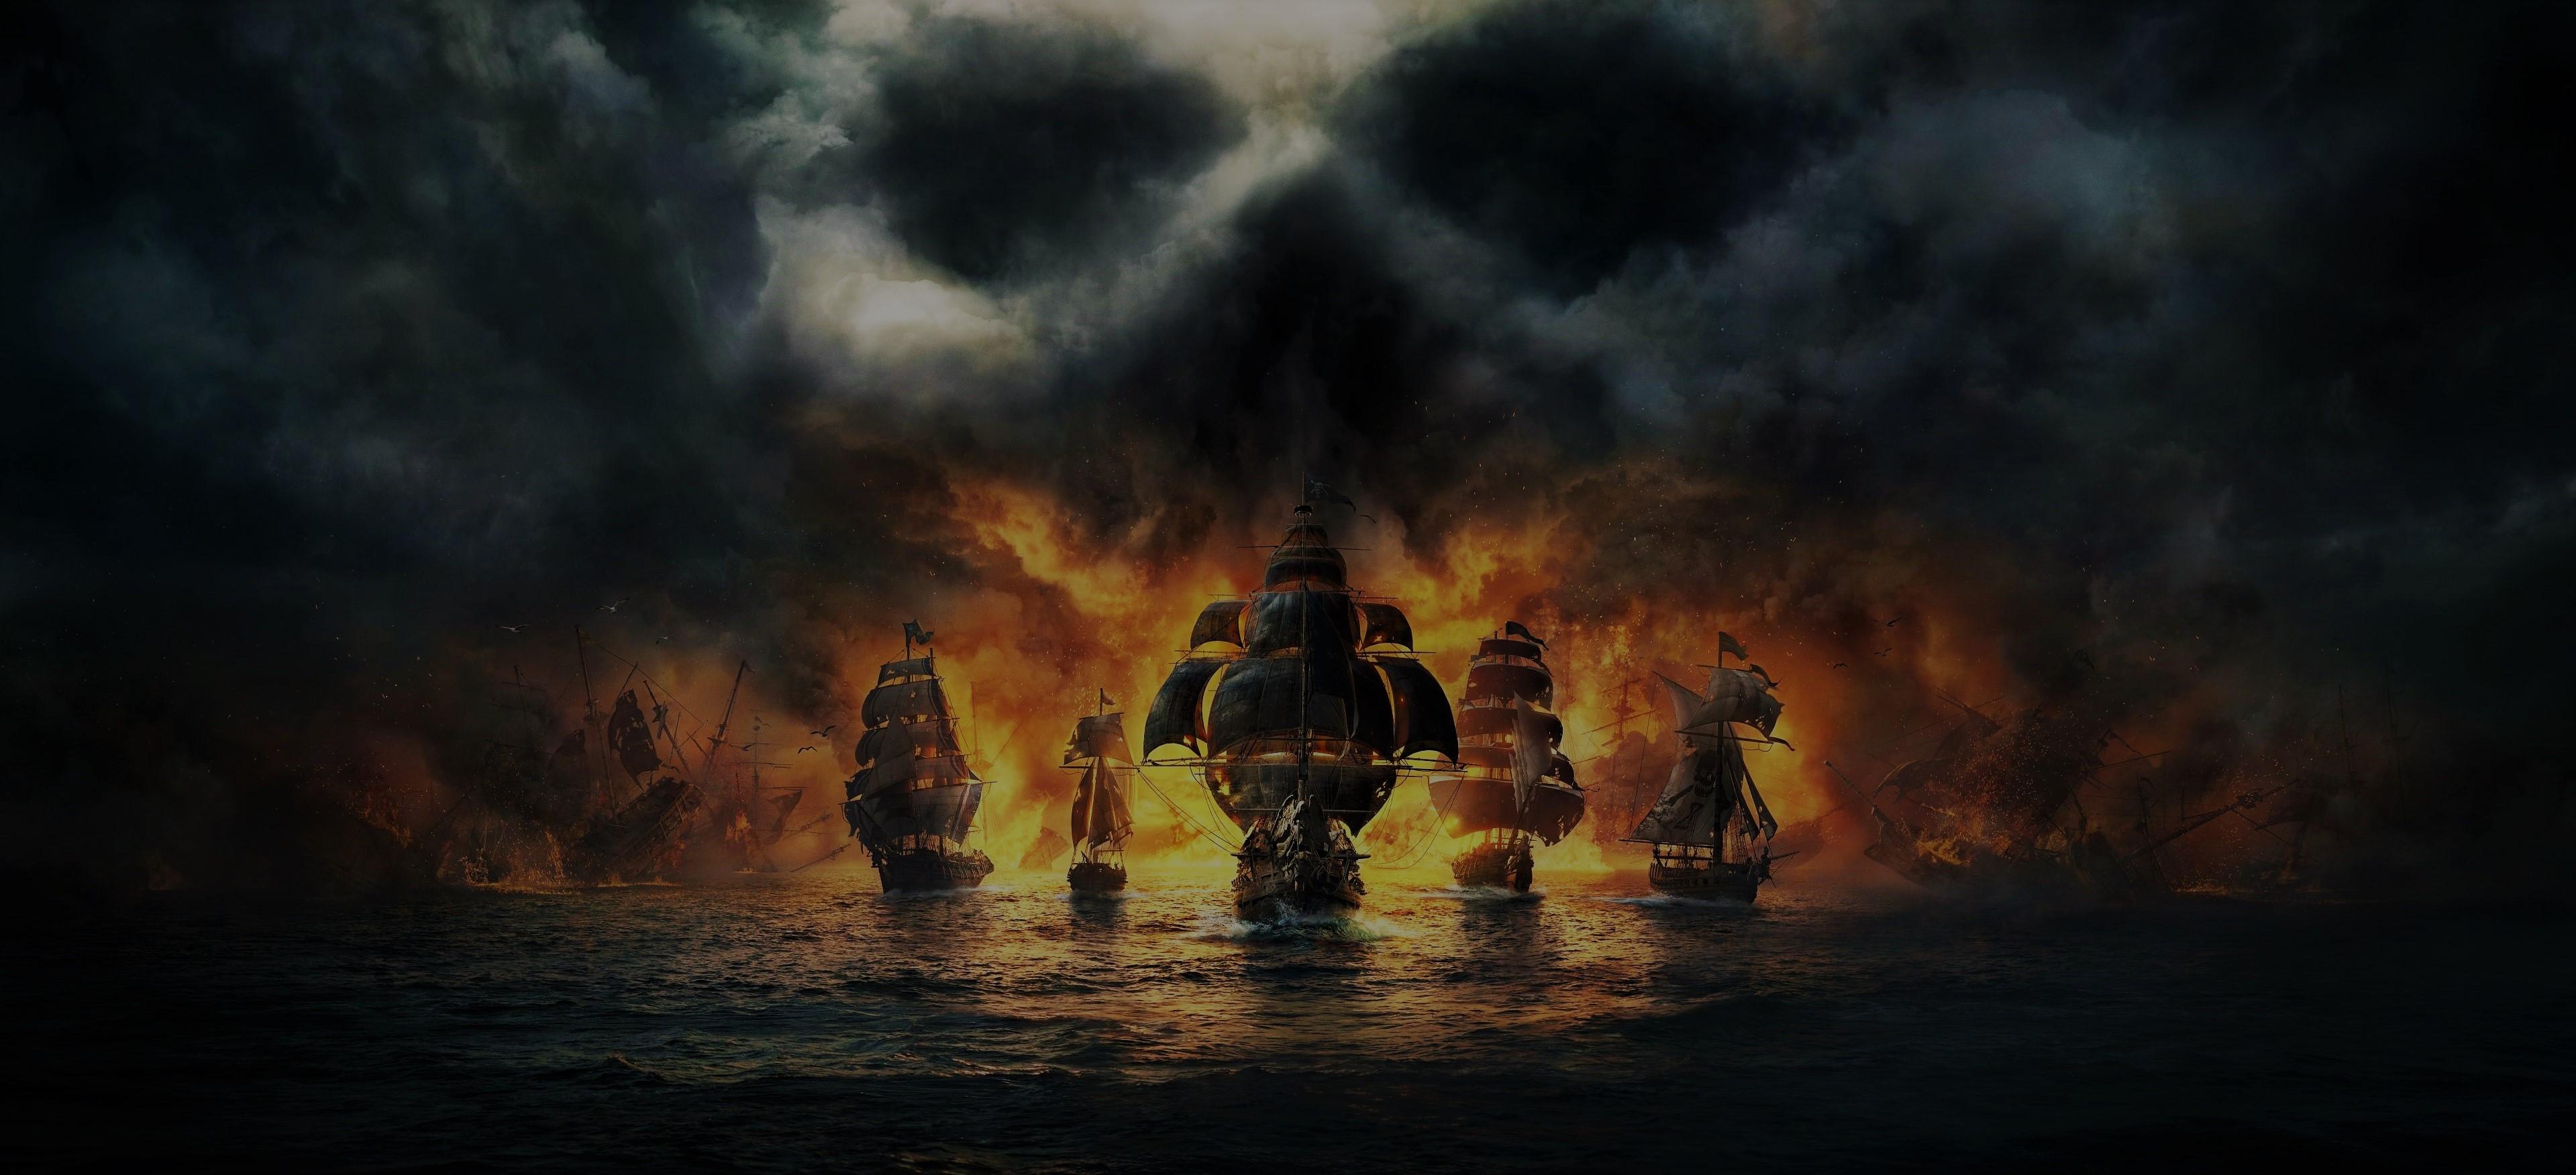 کشتیهای خود را بیگدار به آب نزنید ...